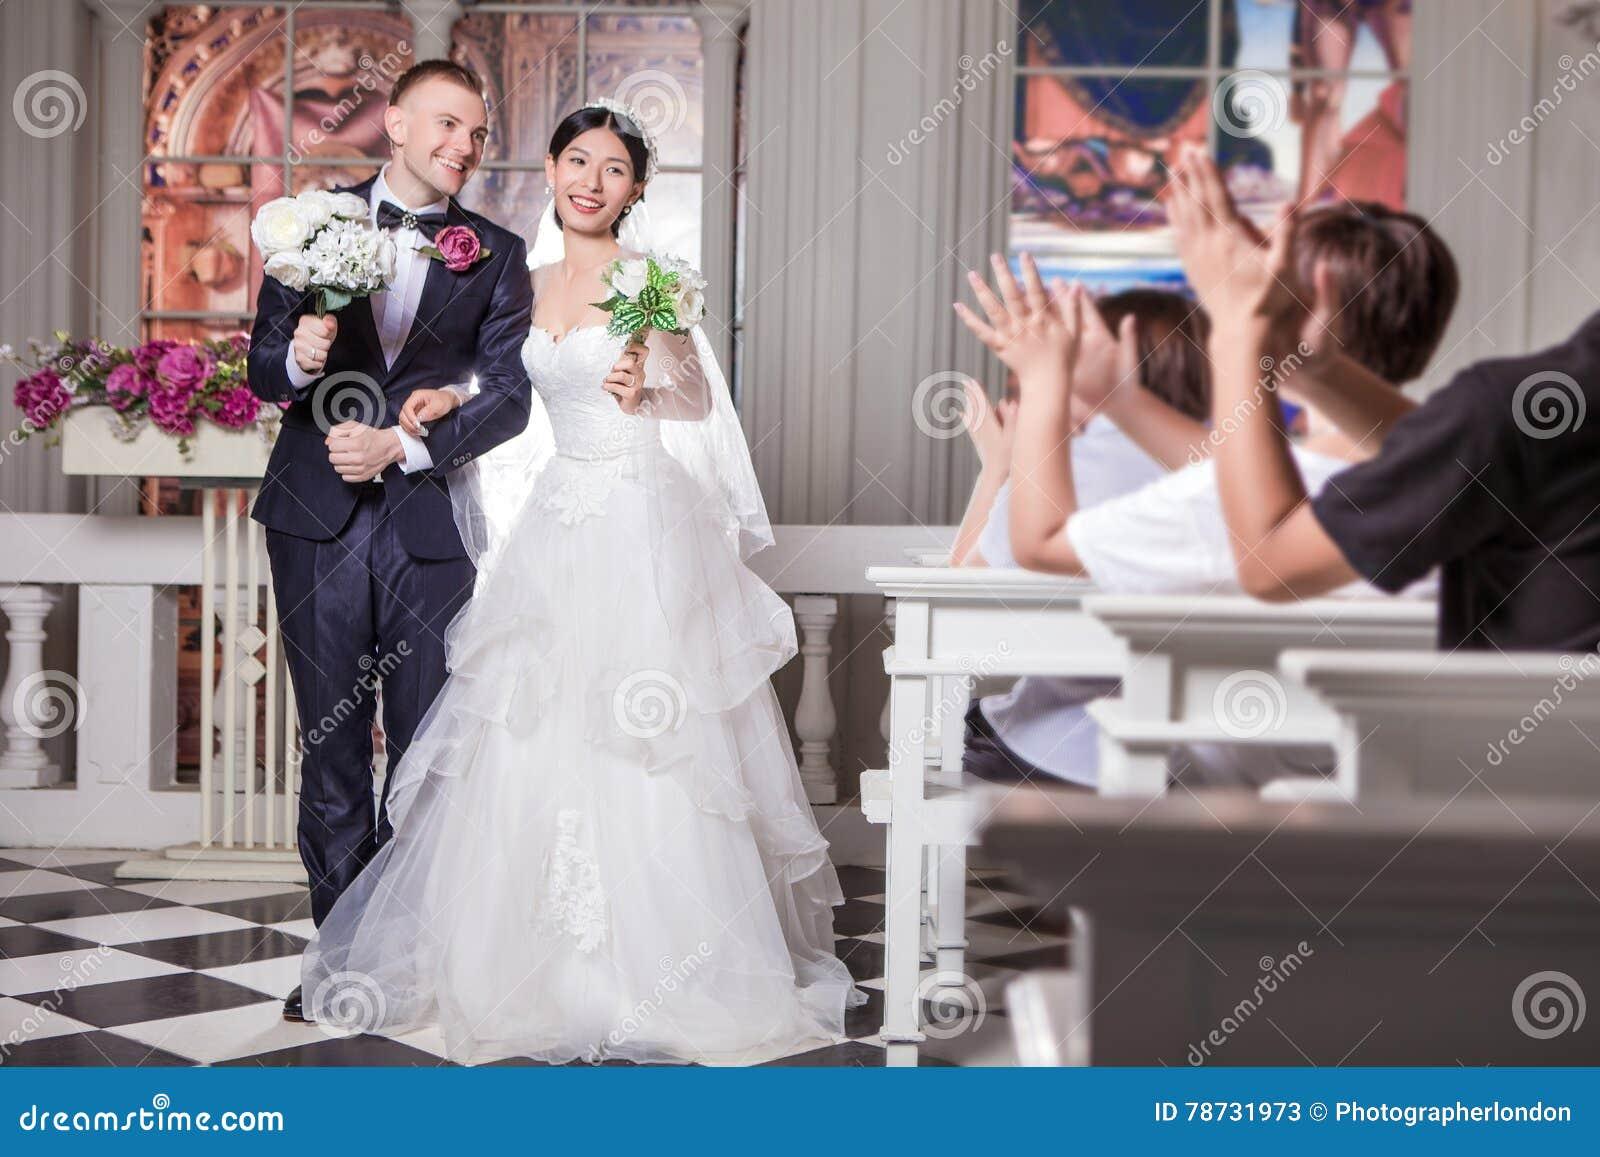 Os convidados do casamento que aplaudem para o recém-casado acoplam guardar flores na igreja